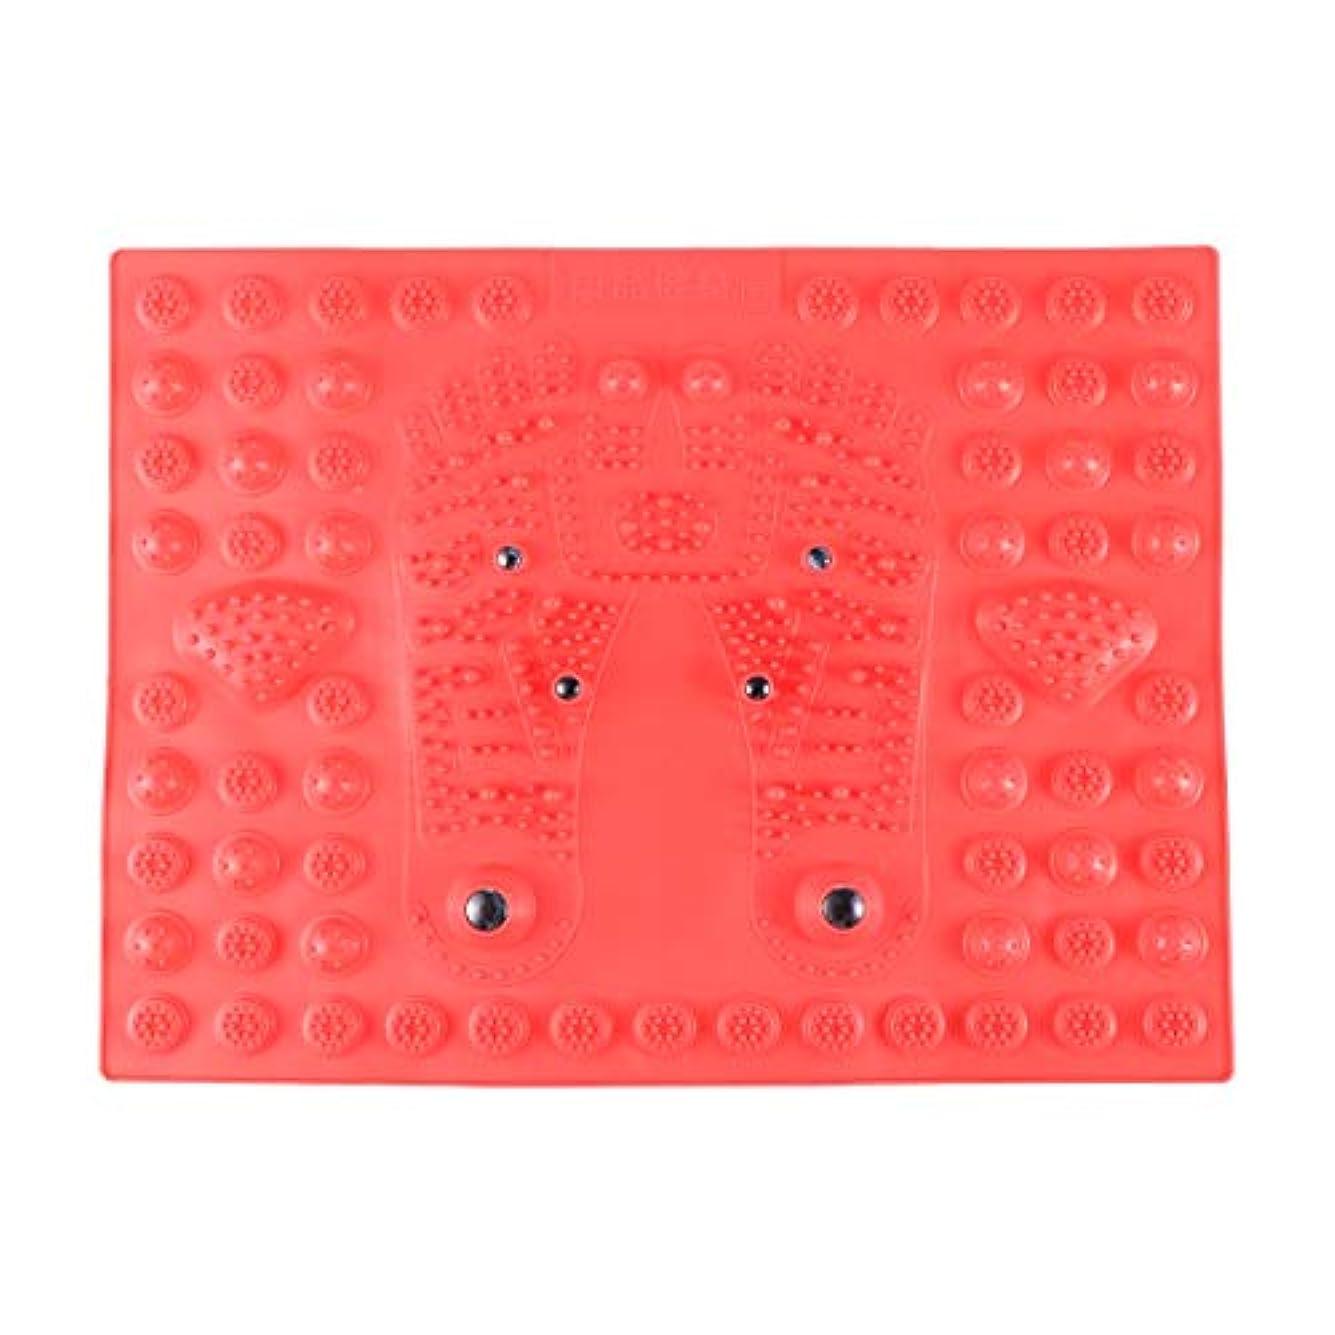 中性フィードバックパーティションSUPVOX フットマッサージマット指圧リラクゼーションリフレクソロジーマット磁気療法フィートマット(レッド)